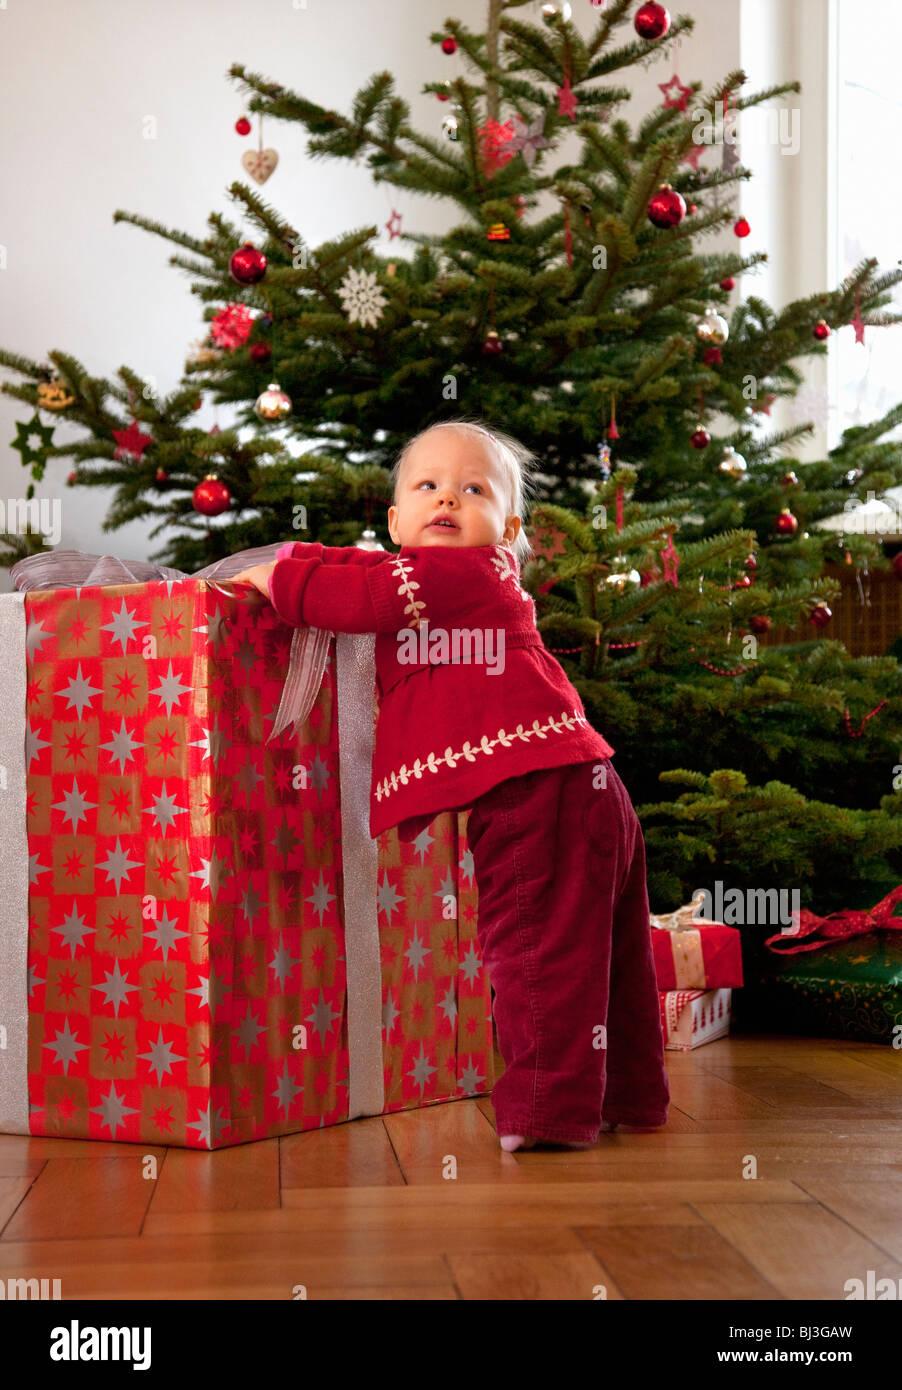 baby girl with big christmas present Stock Photo: 28352881 - Alamy